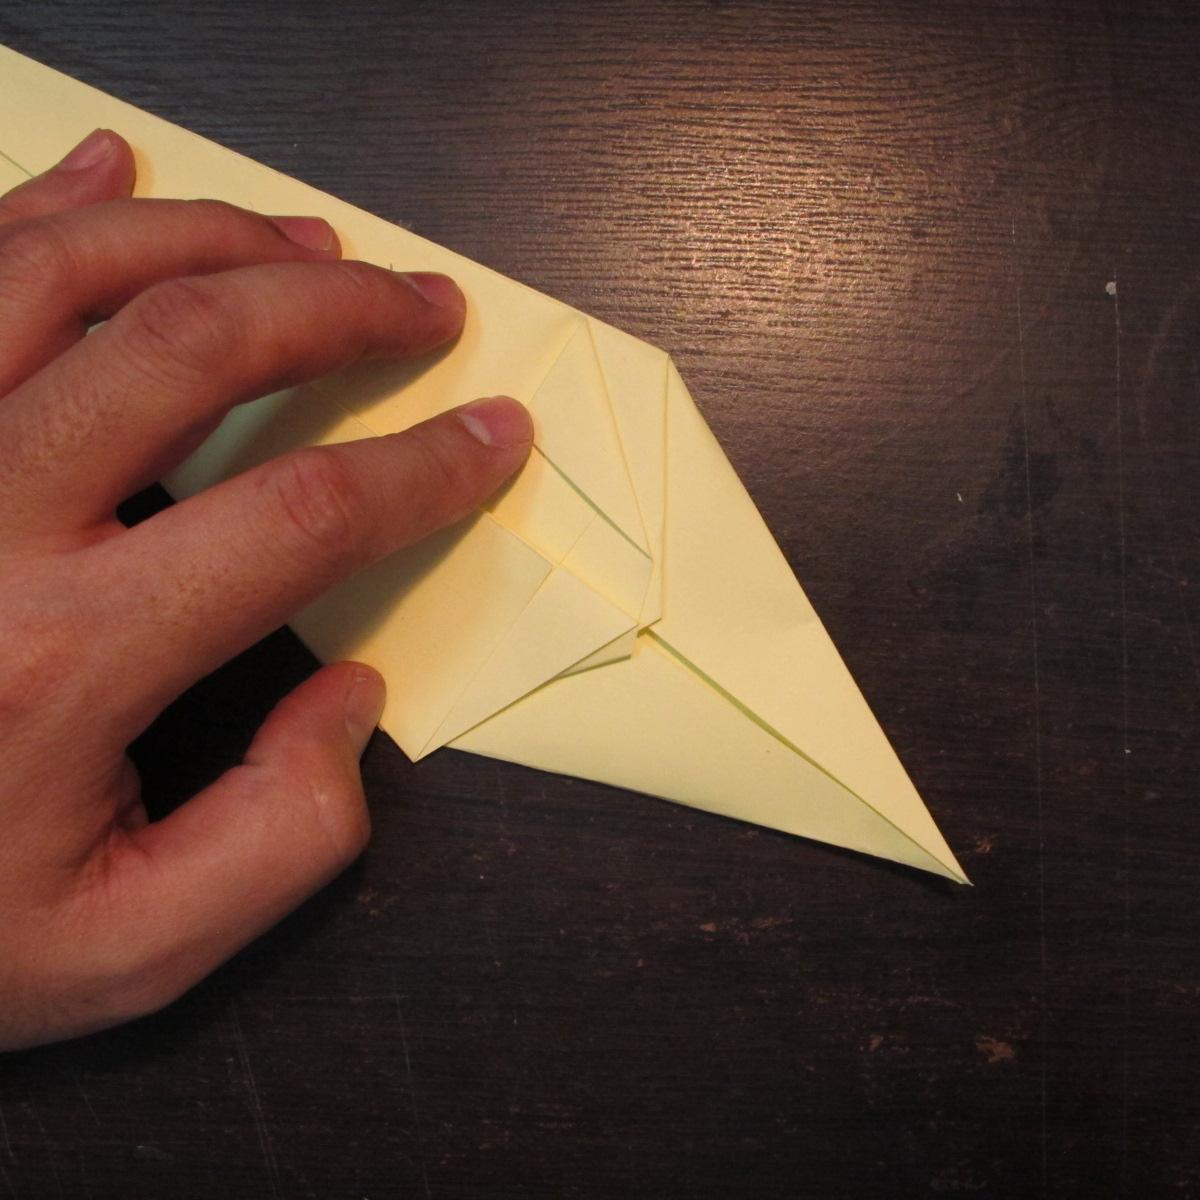 วิธีการพับกระดาษเป็นรูปหงส์ 007